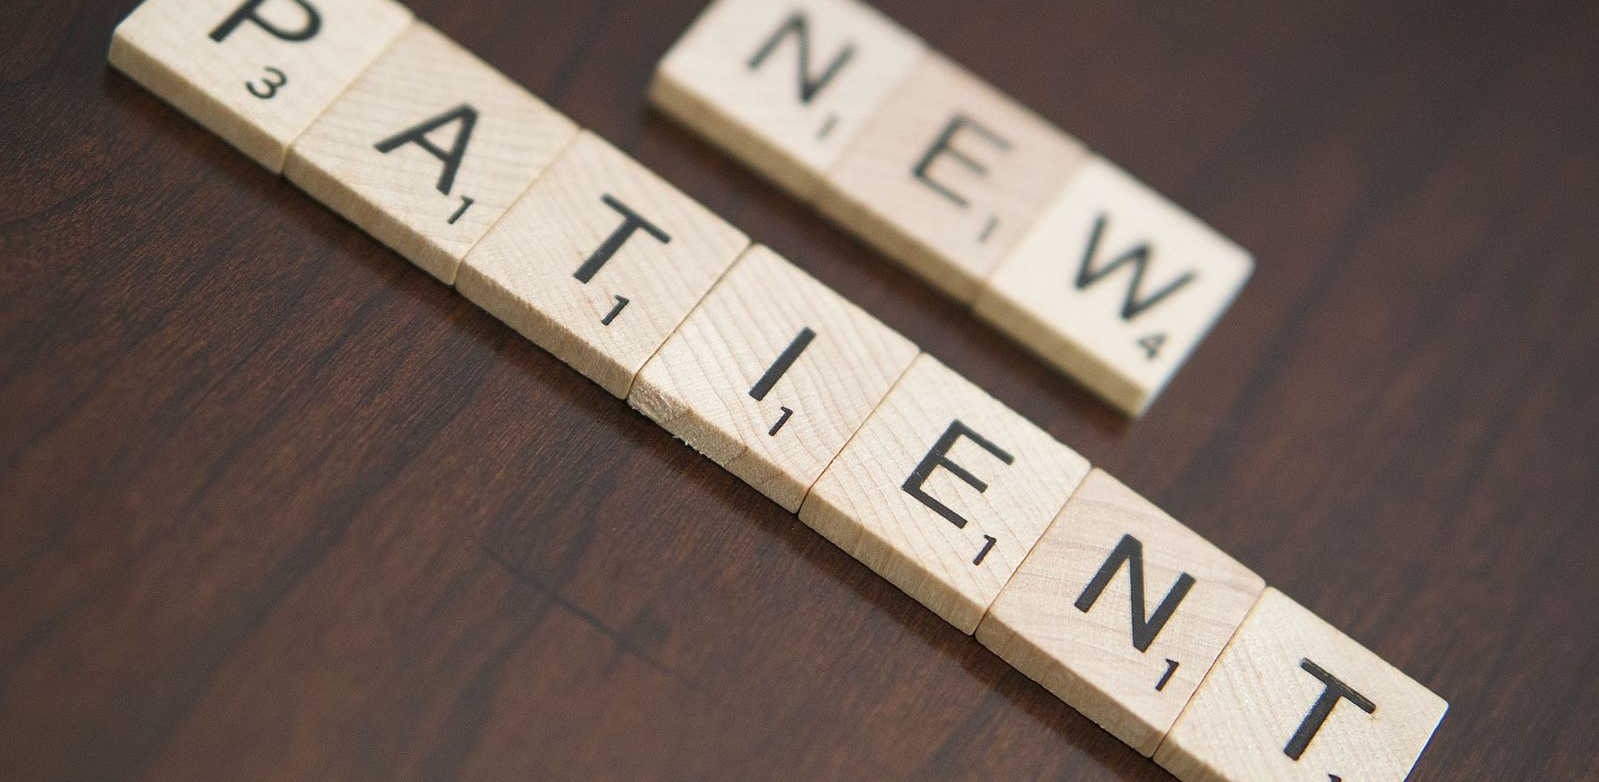 Scrabble_New_Patient.jpg